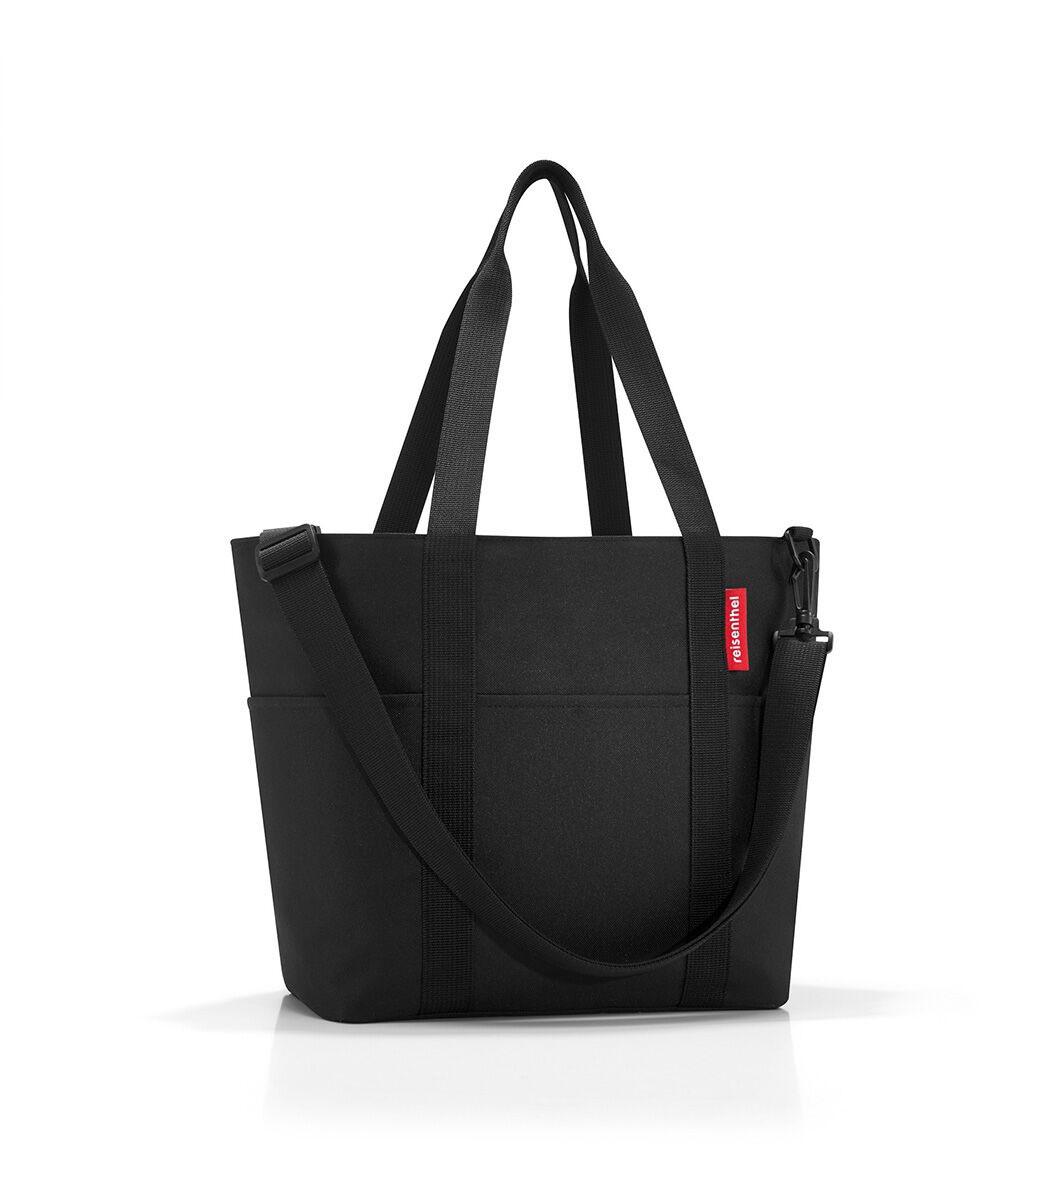 Сумка-шоппер женская Reisenthel, цвет: черный. MZ7003S76245Универсальная сумка для прогулок, пикника или шоппинга. Продуманный дизайн сочетает внешнюю привлекательность и исключительную практичность. Изобилие карманов и отделений помогает держать в порядке даже большое количество разнообразных вещей. У модели вместительное основное отделение на молнии, 2 удобные ручки для переноски, съемный регулируемый наплечный ремень, 4 внешних и 6 внутренних отделения, небольшой потайной карман, вшитый в подкладку, подкладка на дне, обеспечивающая прочность и стойкую форму, материал: высококачественный водостойкий полиэстер, объем – 15 литров.